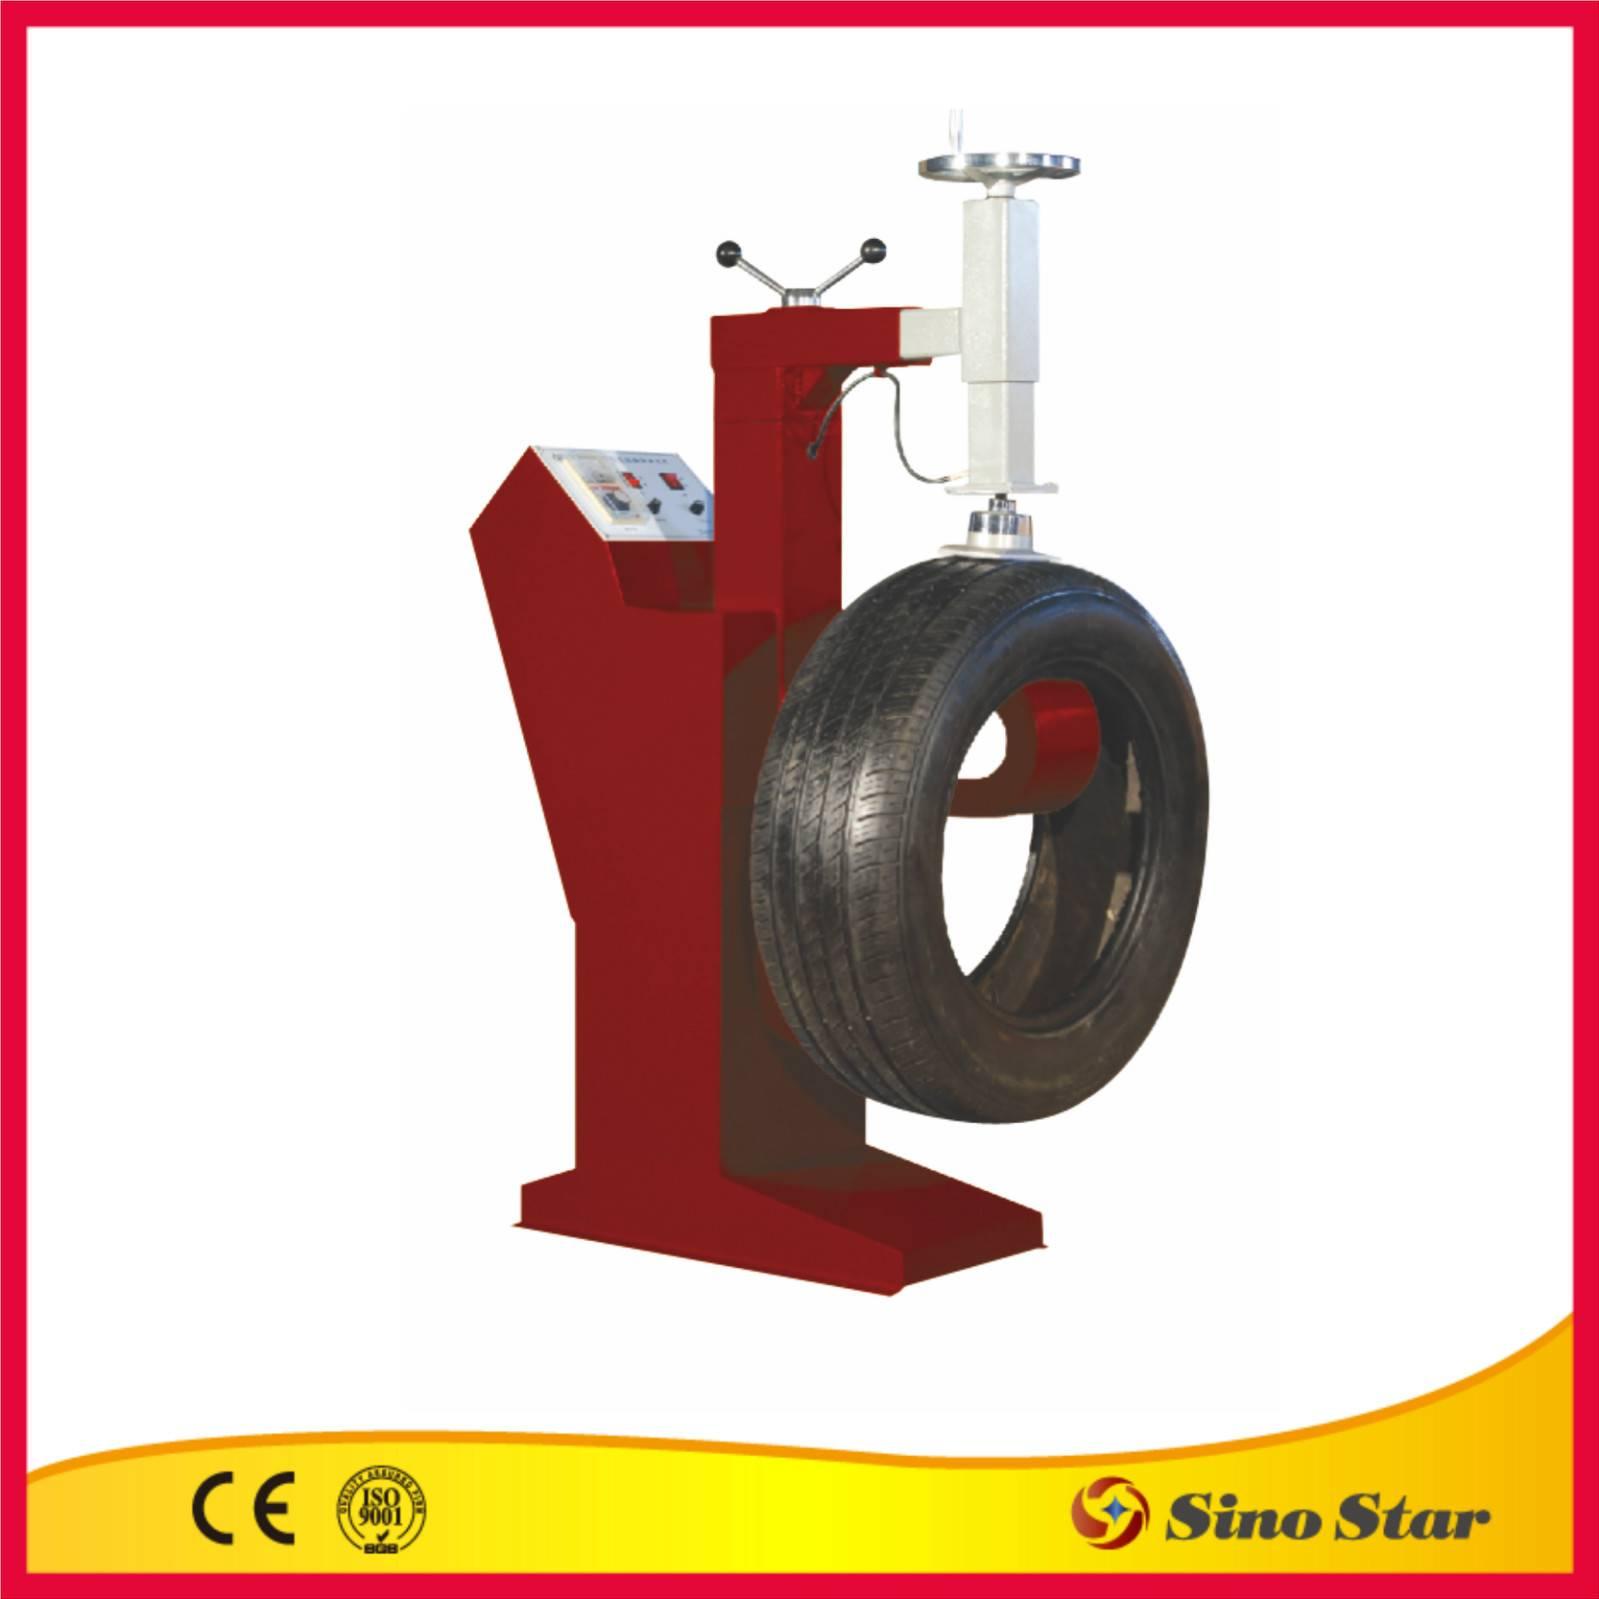 Tire Vulcanizing Machine(SS-TV520)